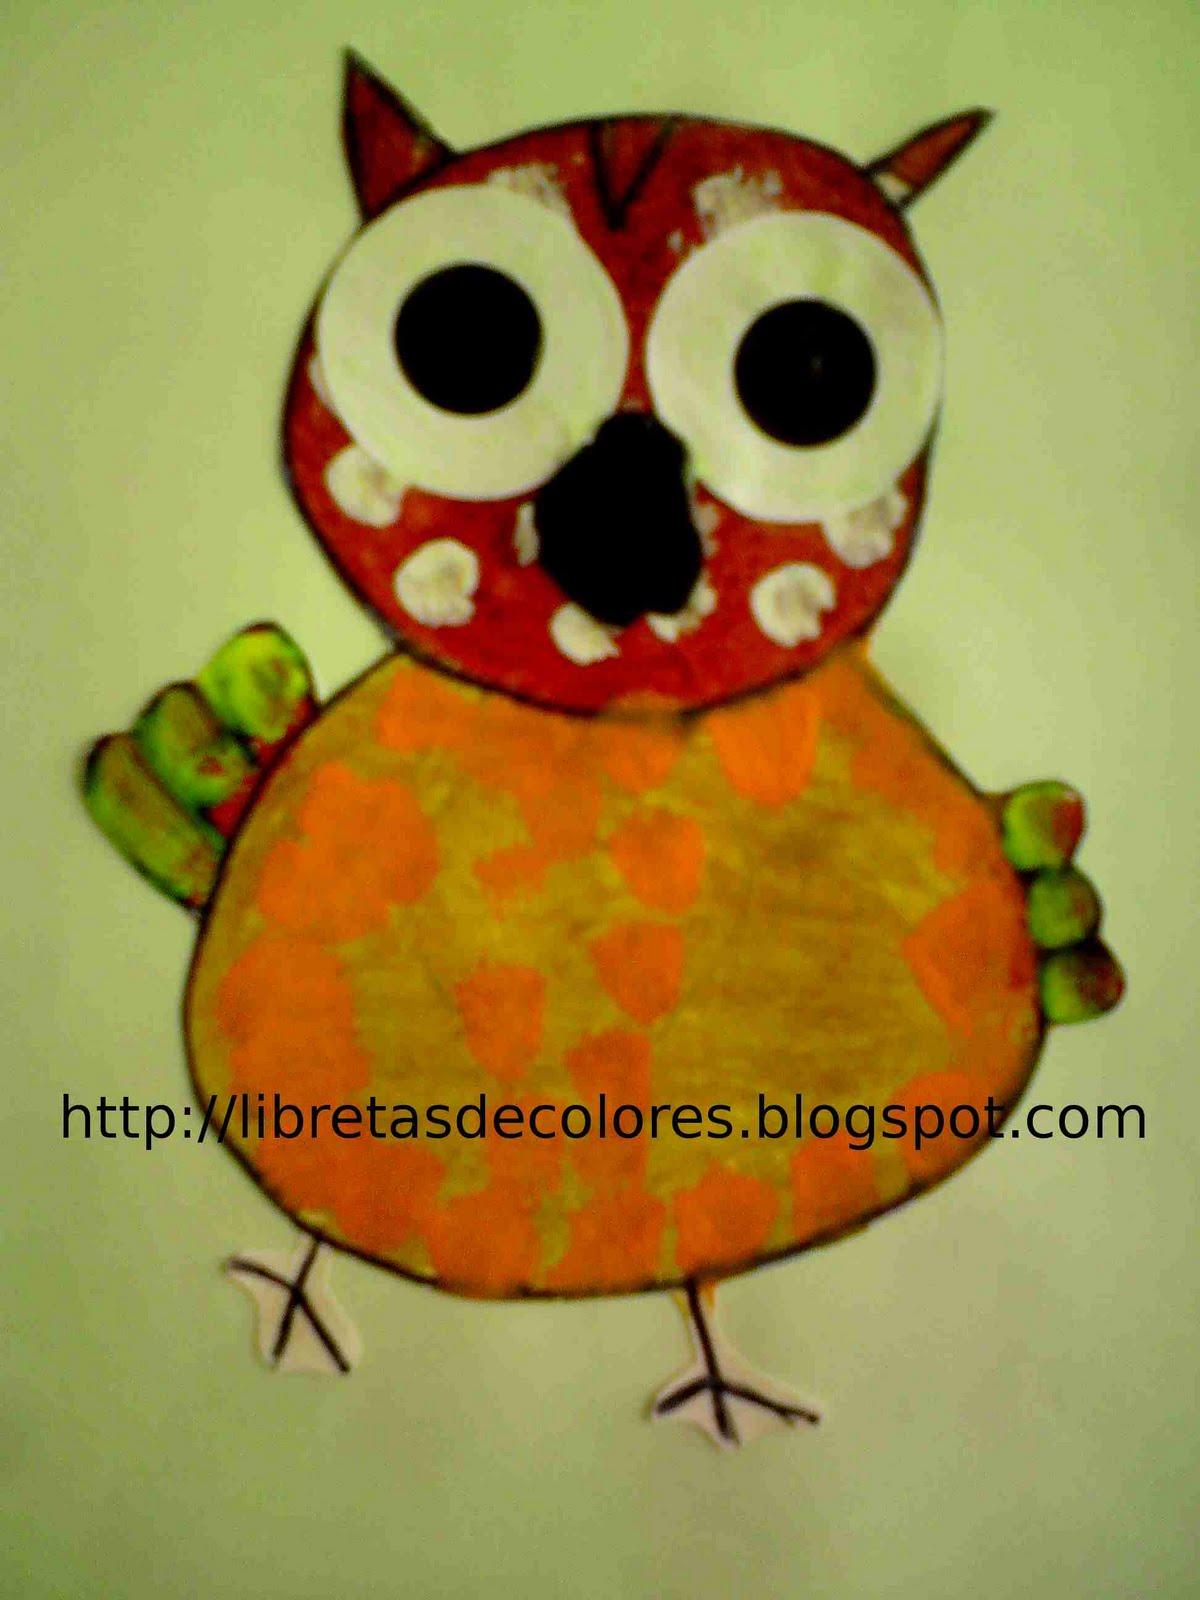 http://3.bp.blogspot.com/_yMnPDfETXNA/TMIALaG9h4I/AAAAAAAAA_k/kWFTPmdtoLI/s1600/buho1libretasdecolores.JPG